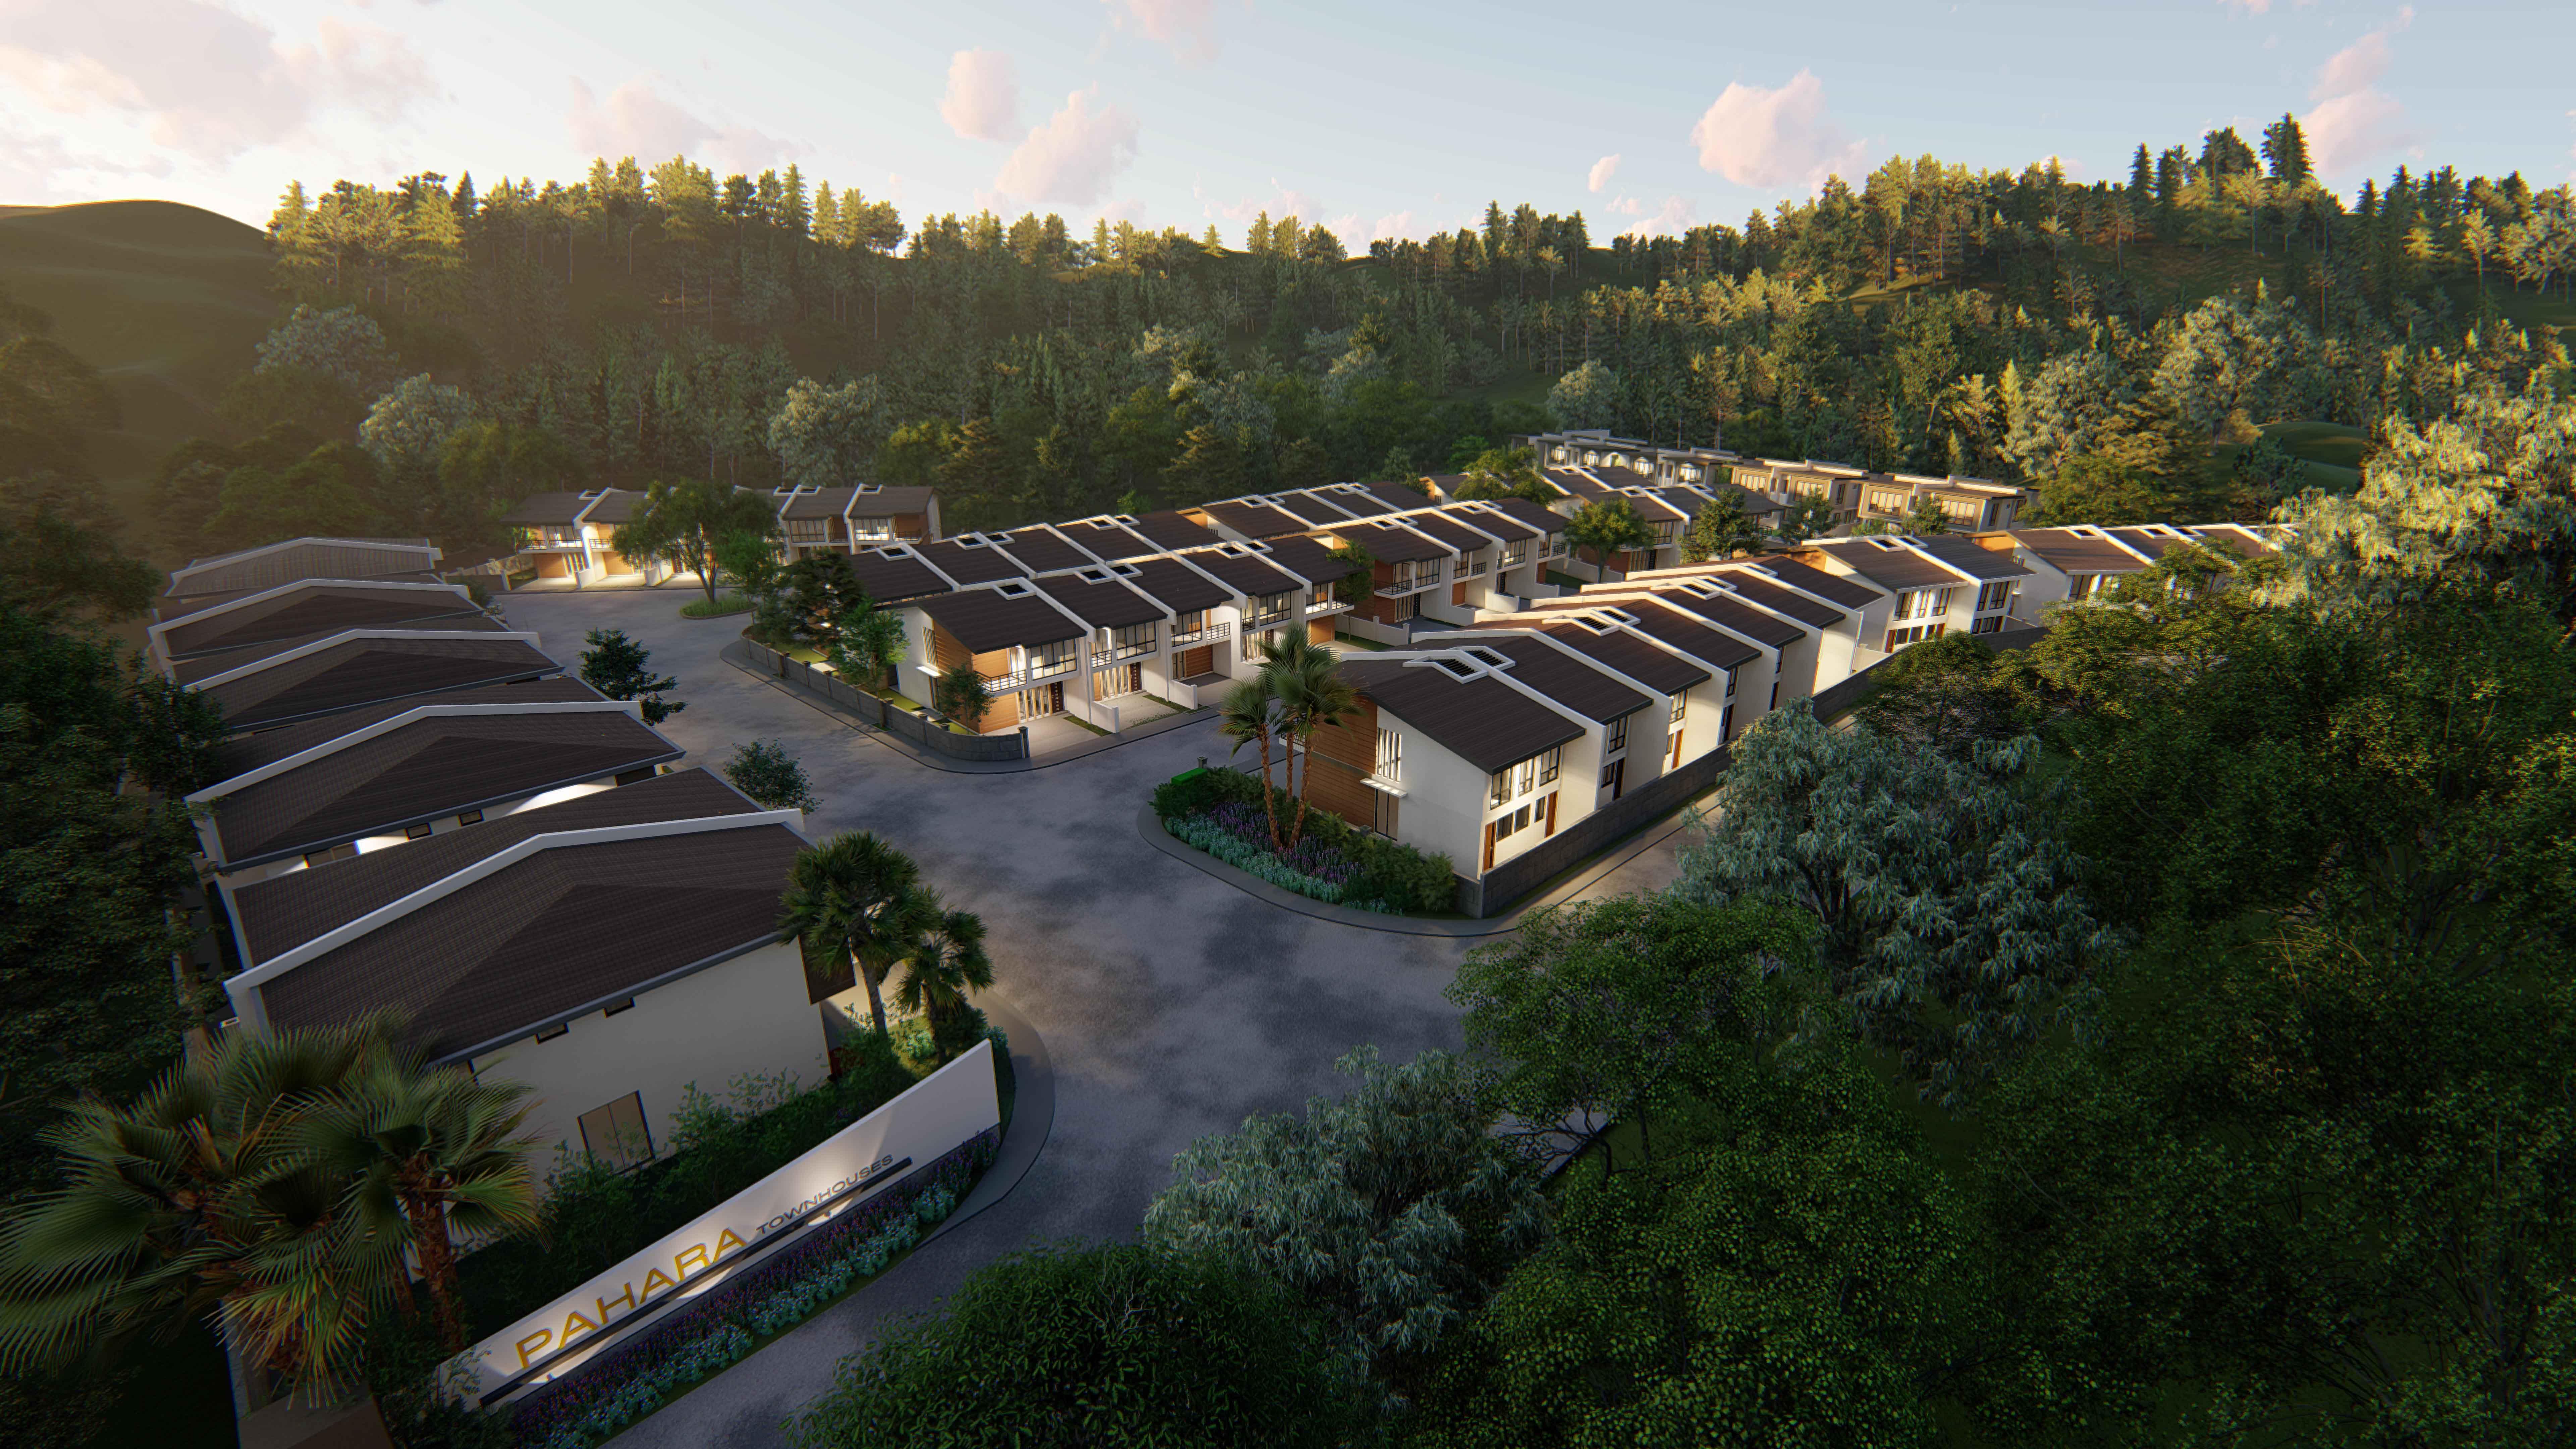 Upland Villas Aerial view